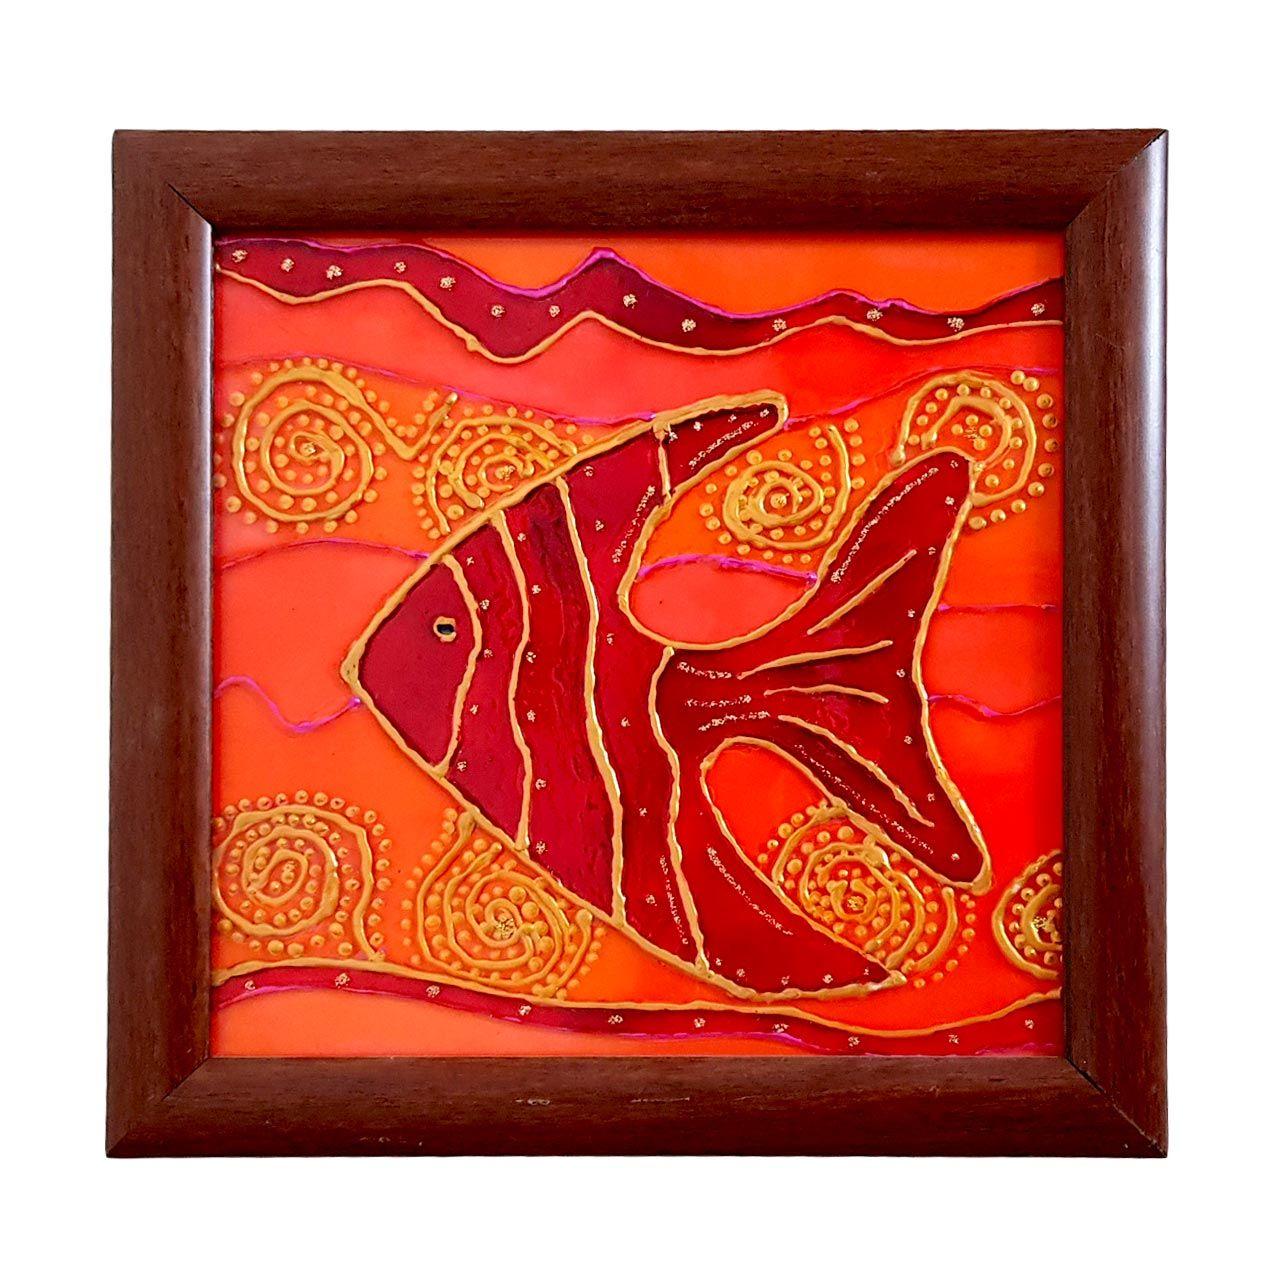 تابلو نقاش ویترای طرح ماهی